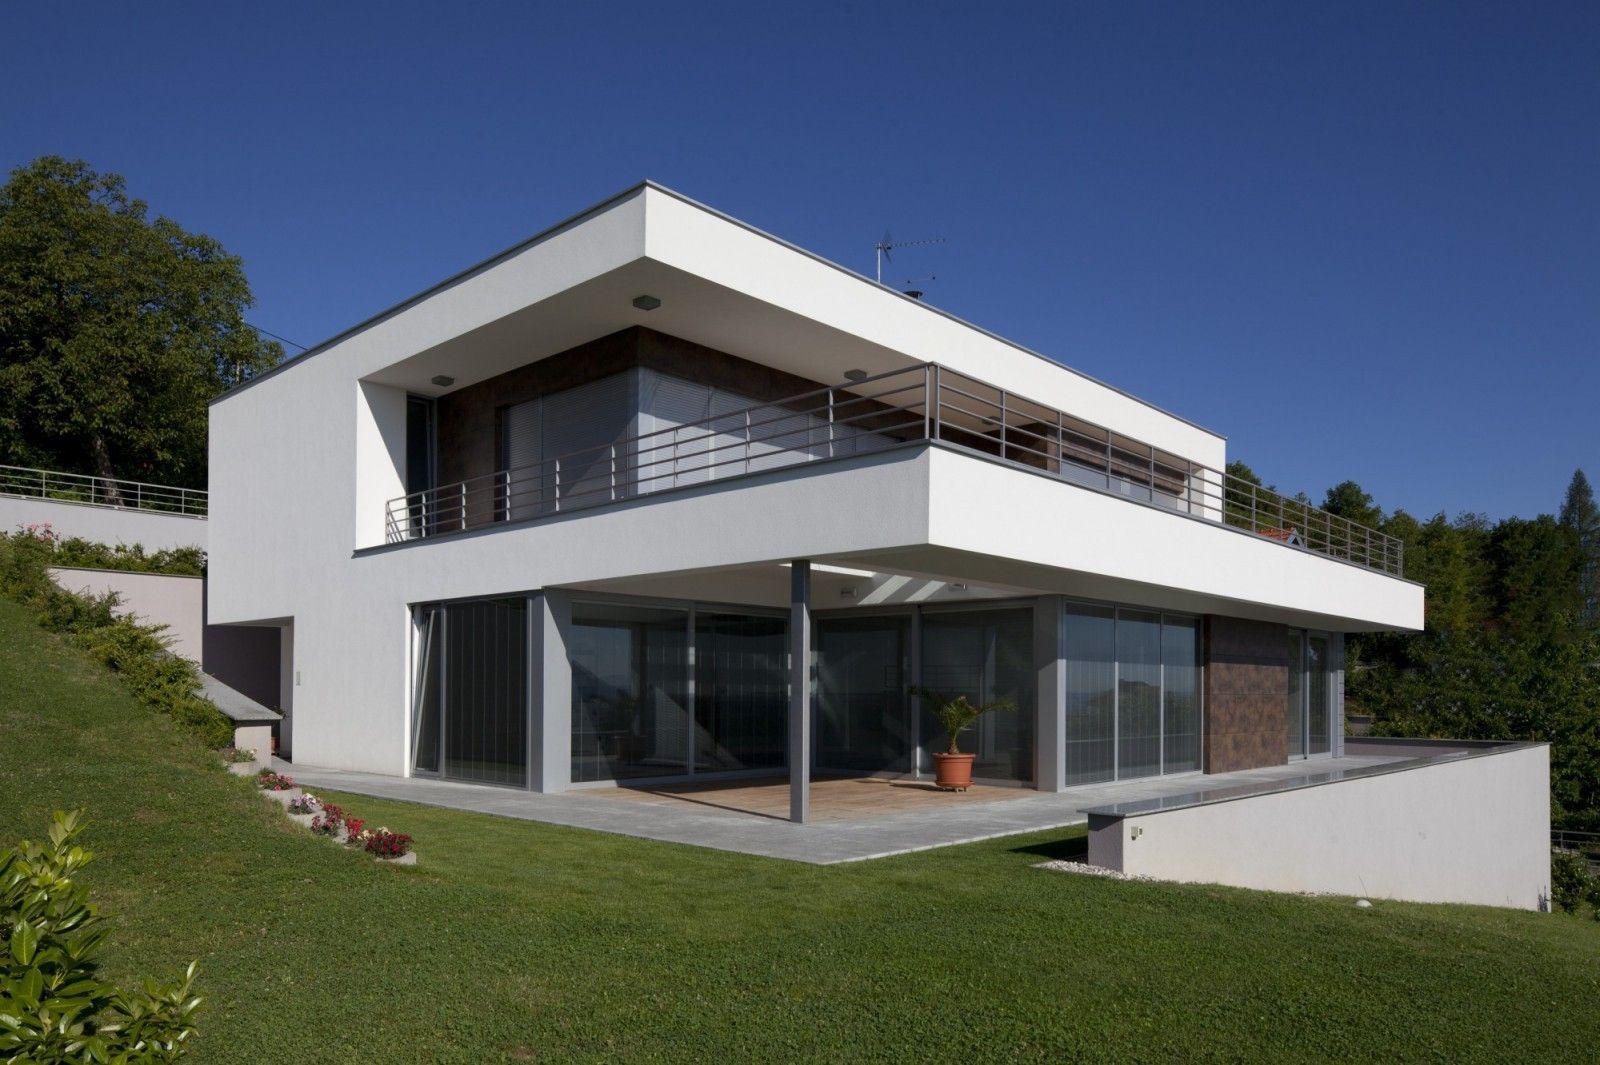 Plan Maison Ntemporaine Sur Terrain En Pente A1Group | Plan ... tout Maisons Design En Pente